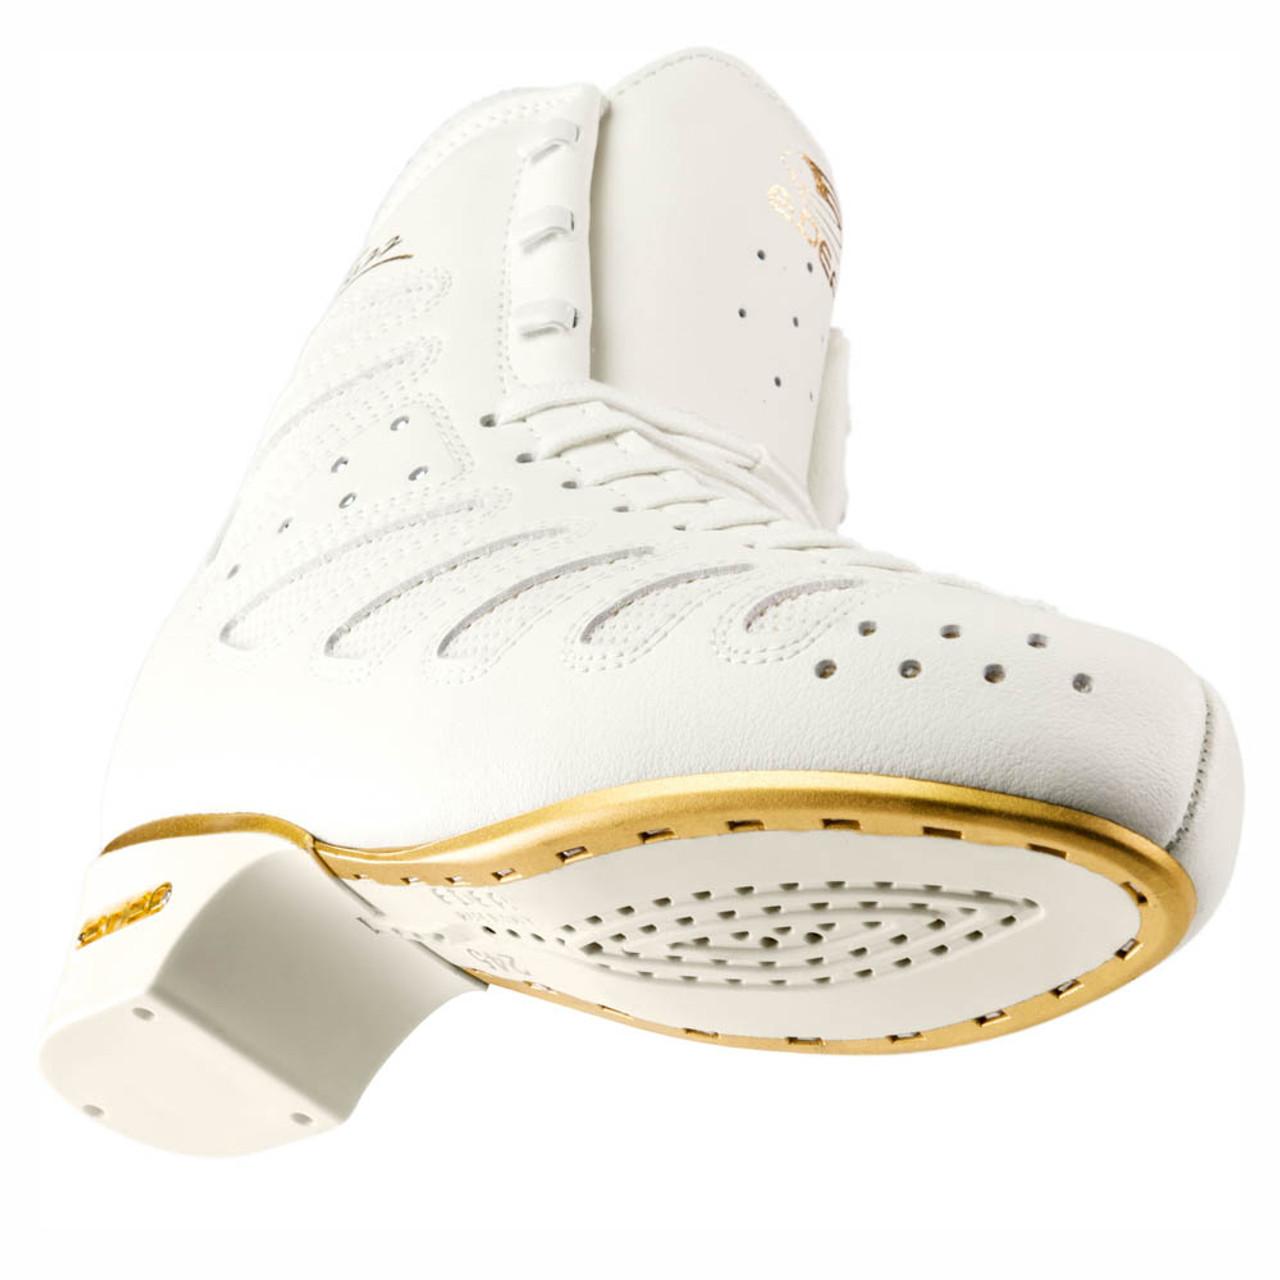 EDEA - Jazz Roller Boot Skate